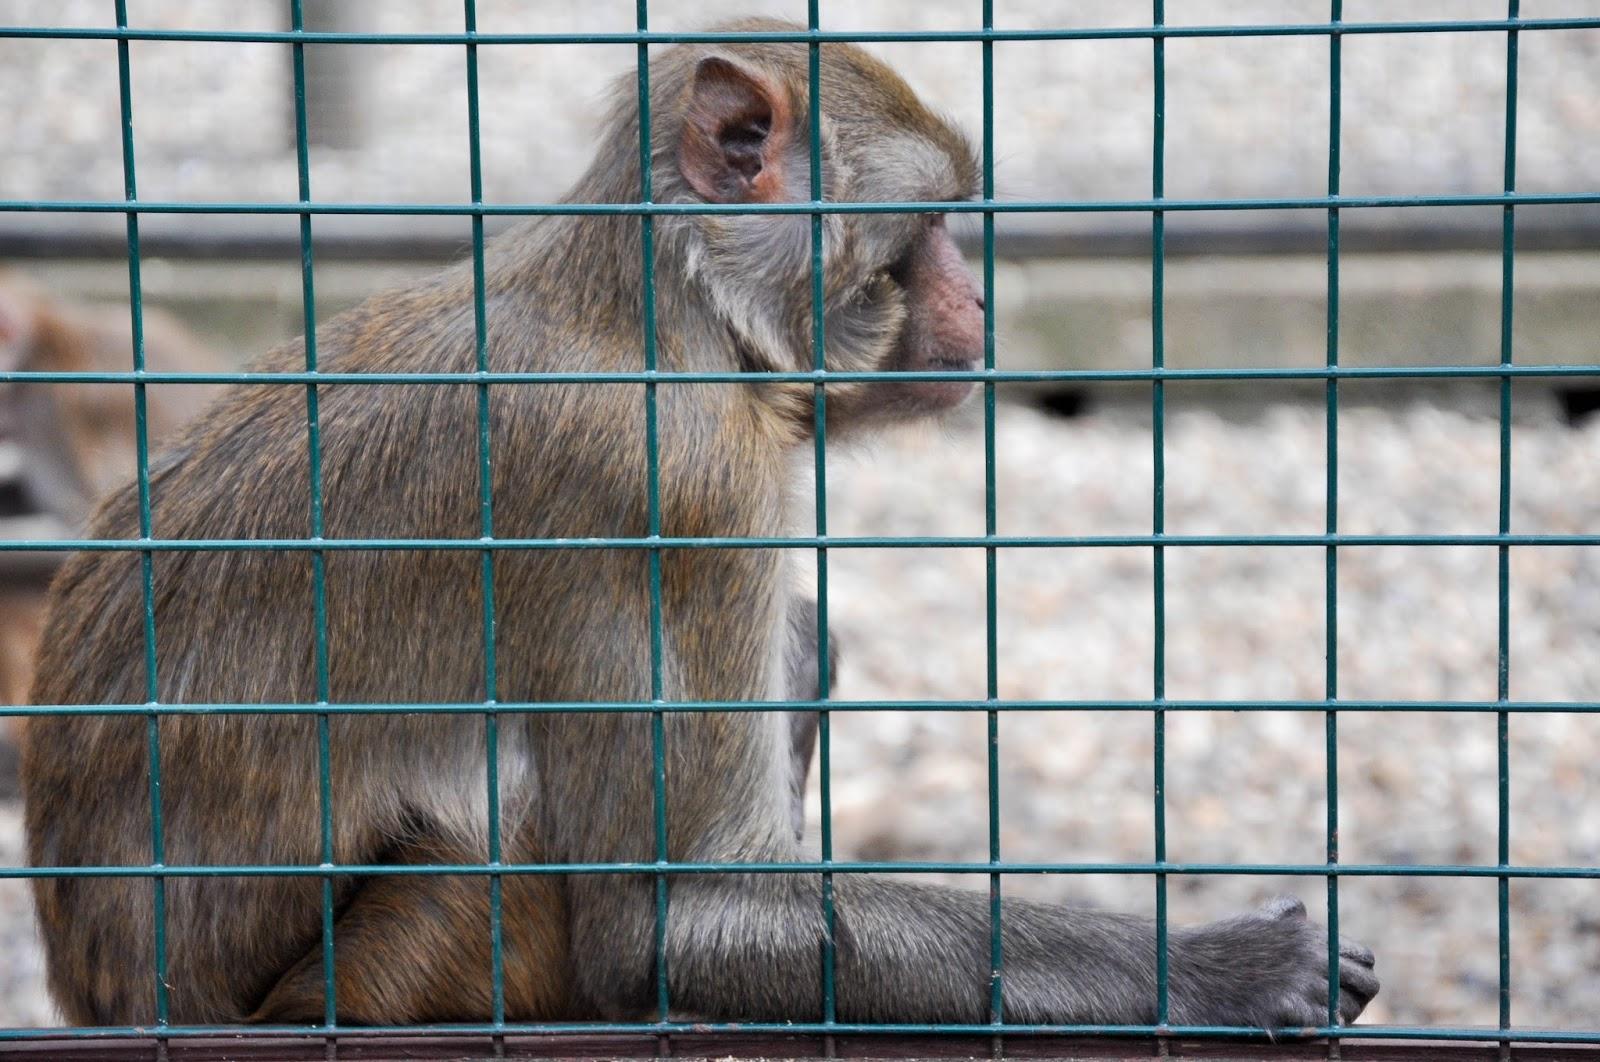 Monkey, Monkey Haven, Isle of Wight, UK